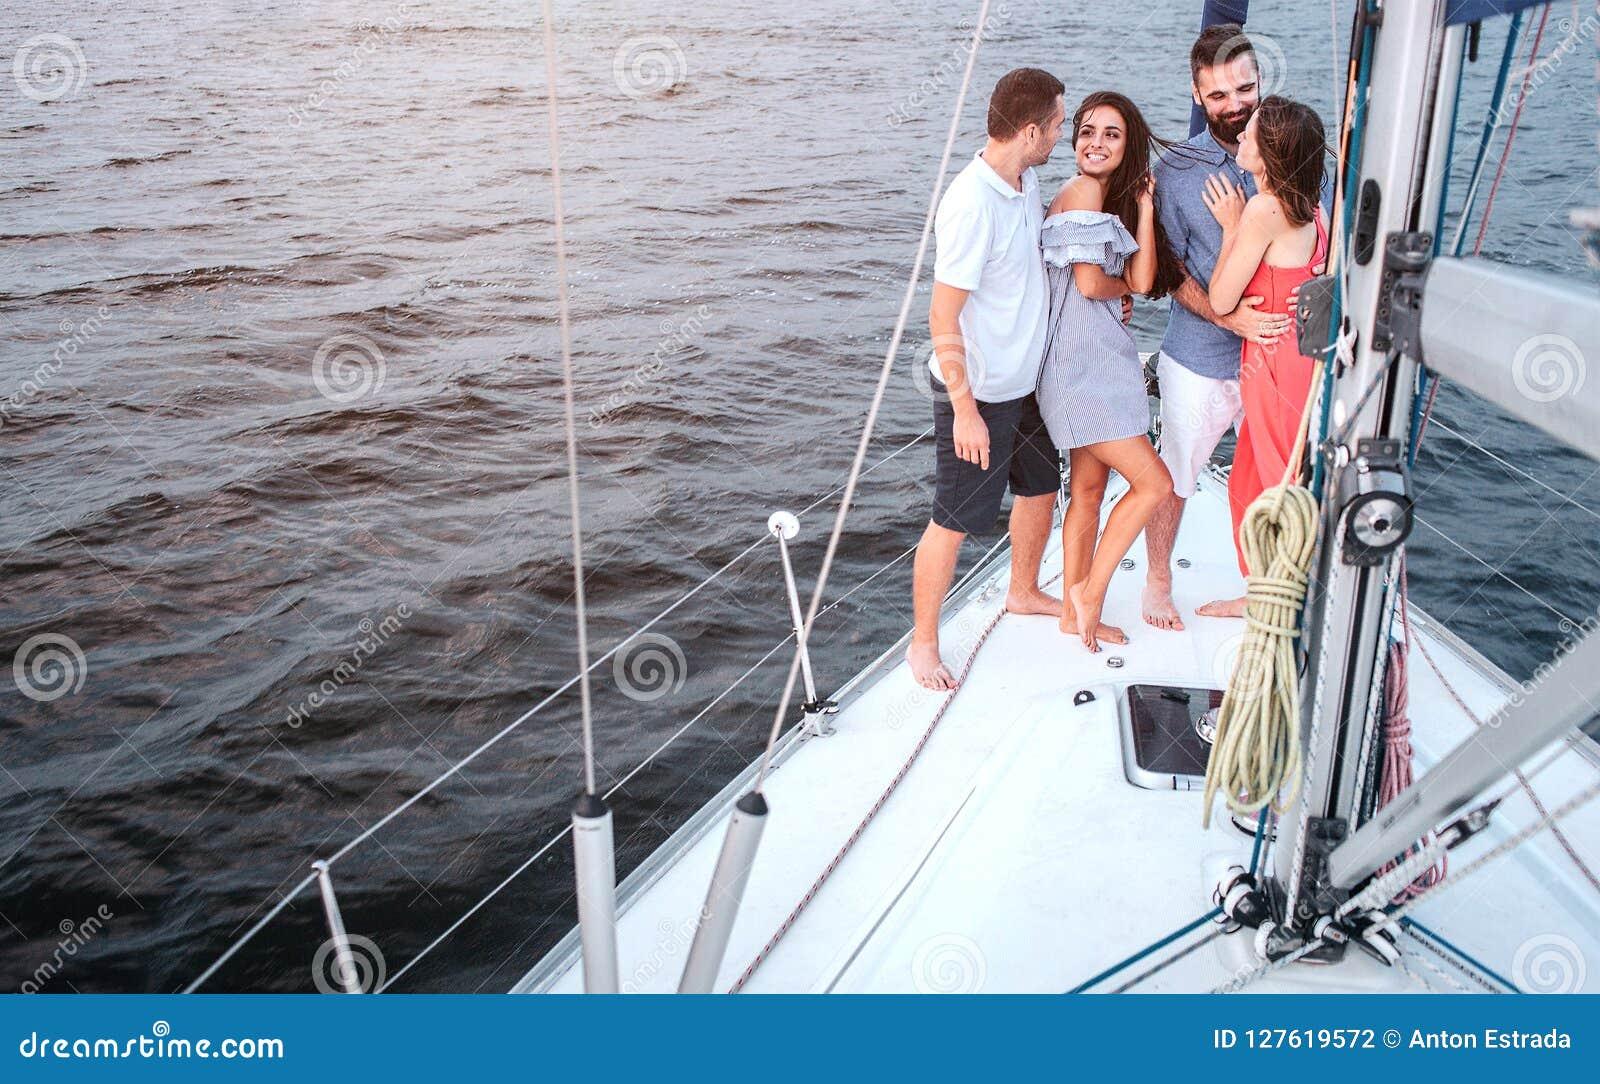 Nettes Bild von vier Leuten, die auf Yacht stehen Brunette betrachtet Kerl Sie lächelt Er umfasst sie Eine anderen Paare